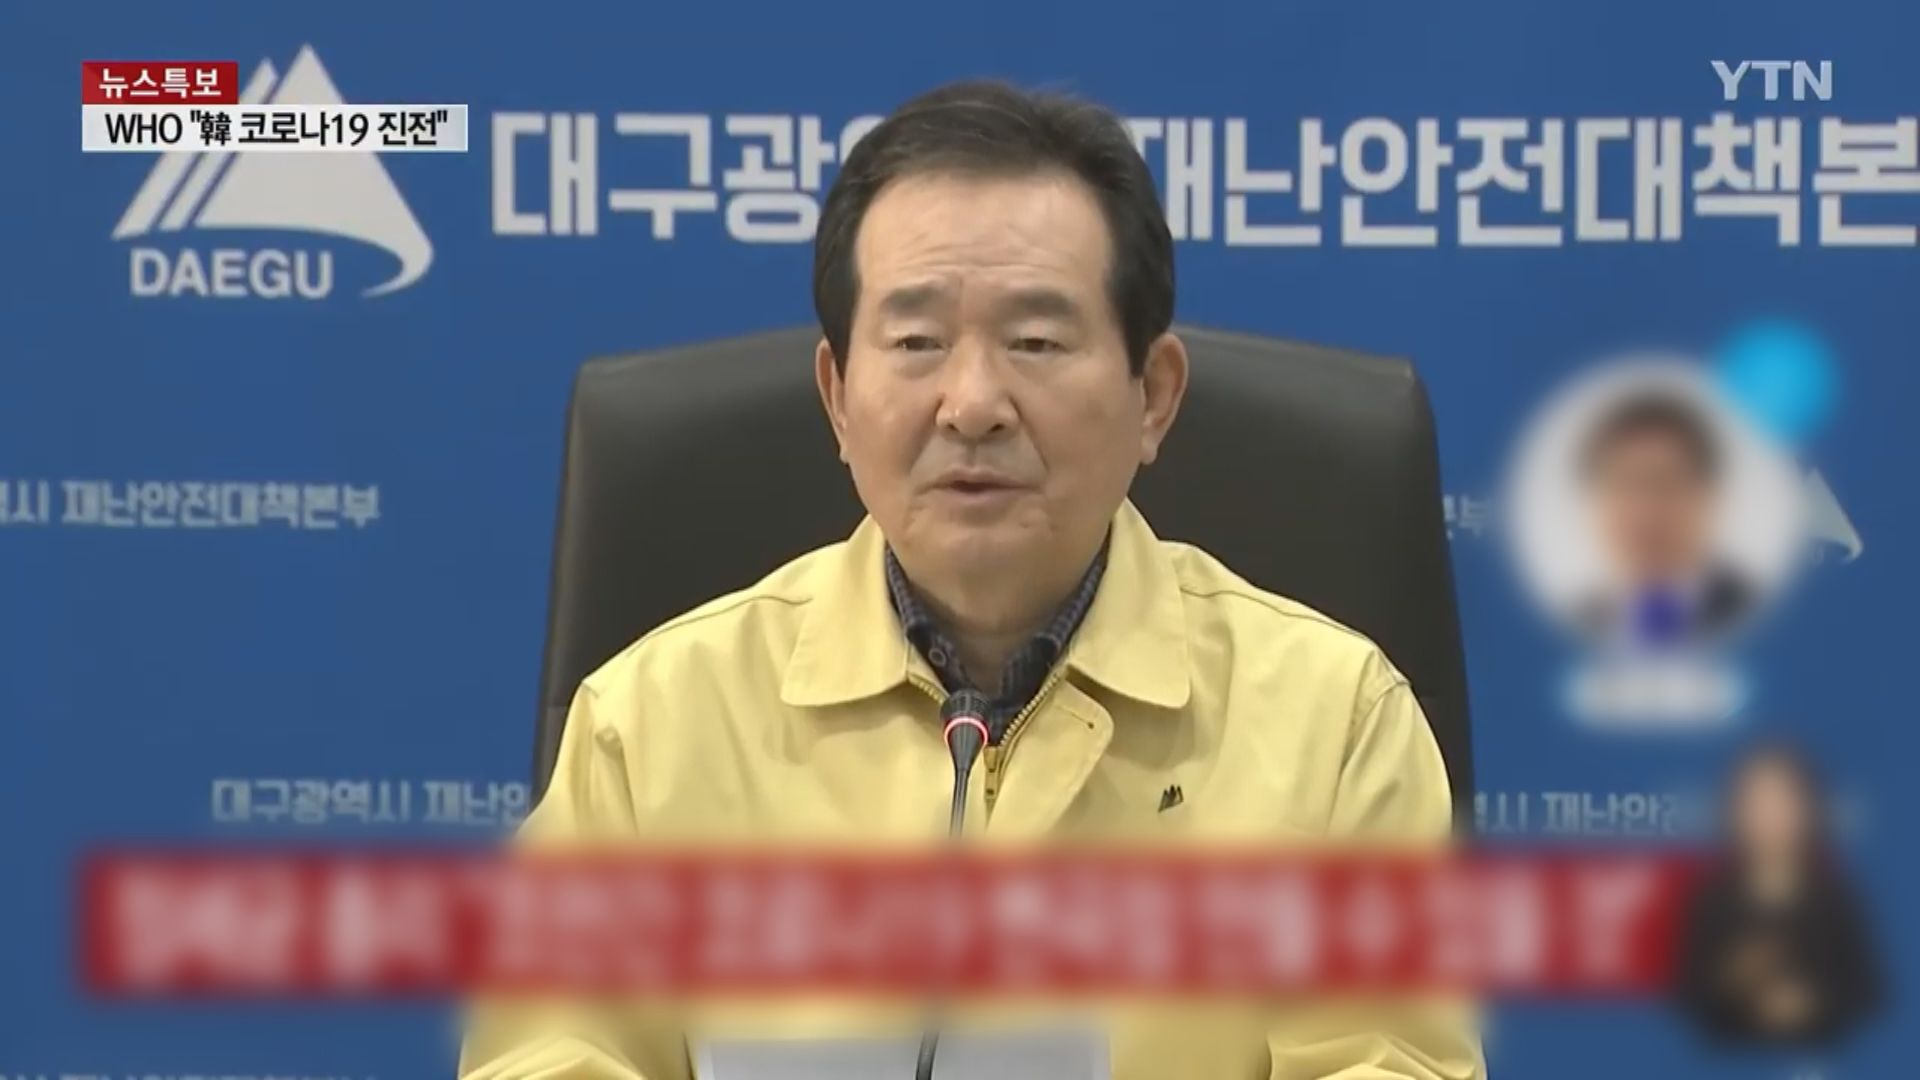 南韓總理認為疫情有望短期迎來轉折點